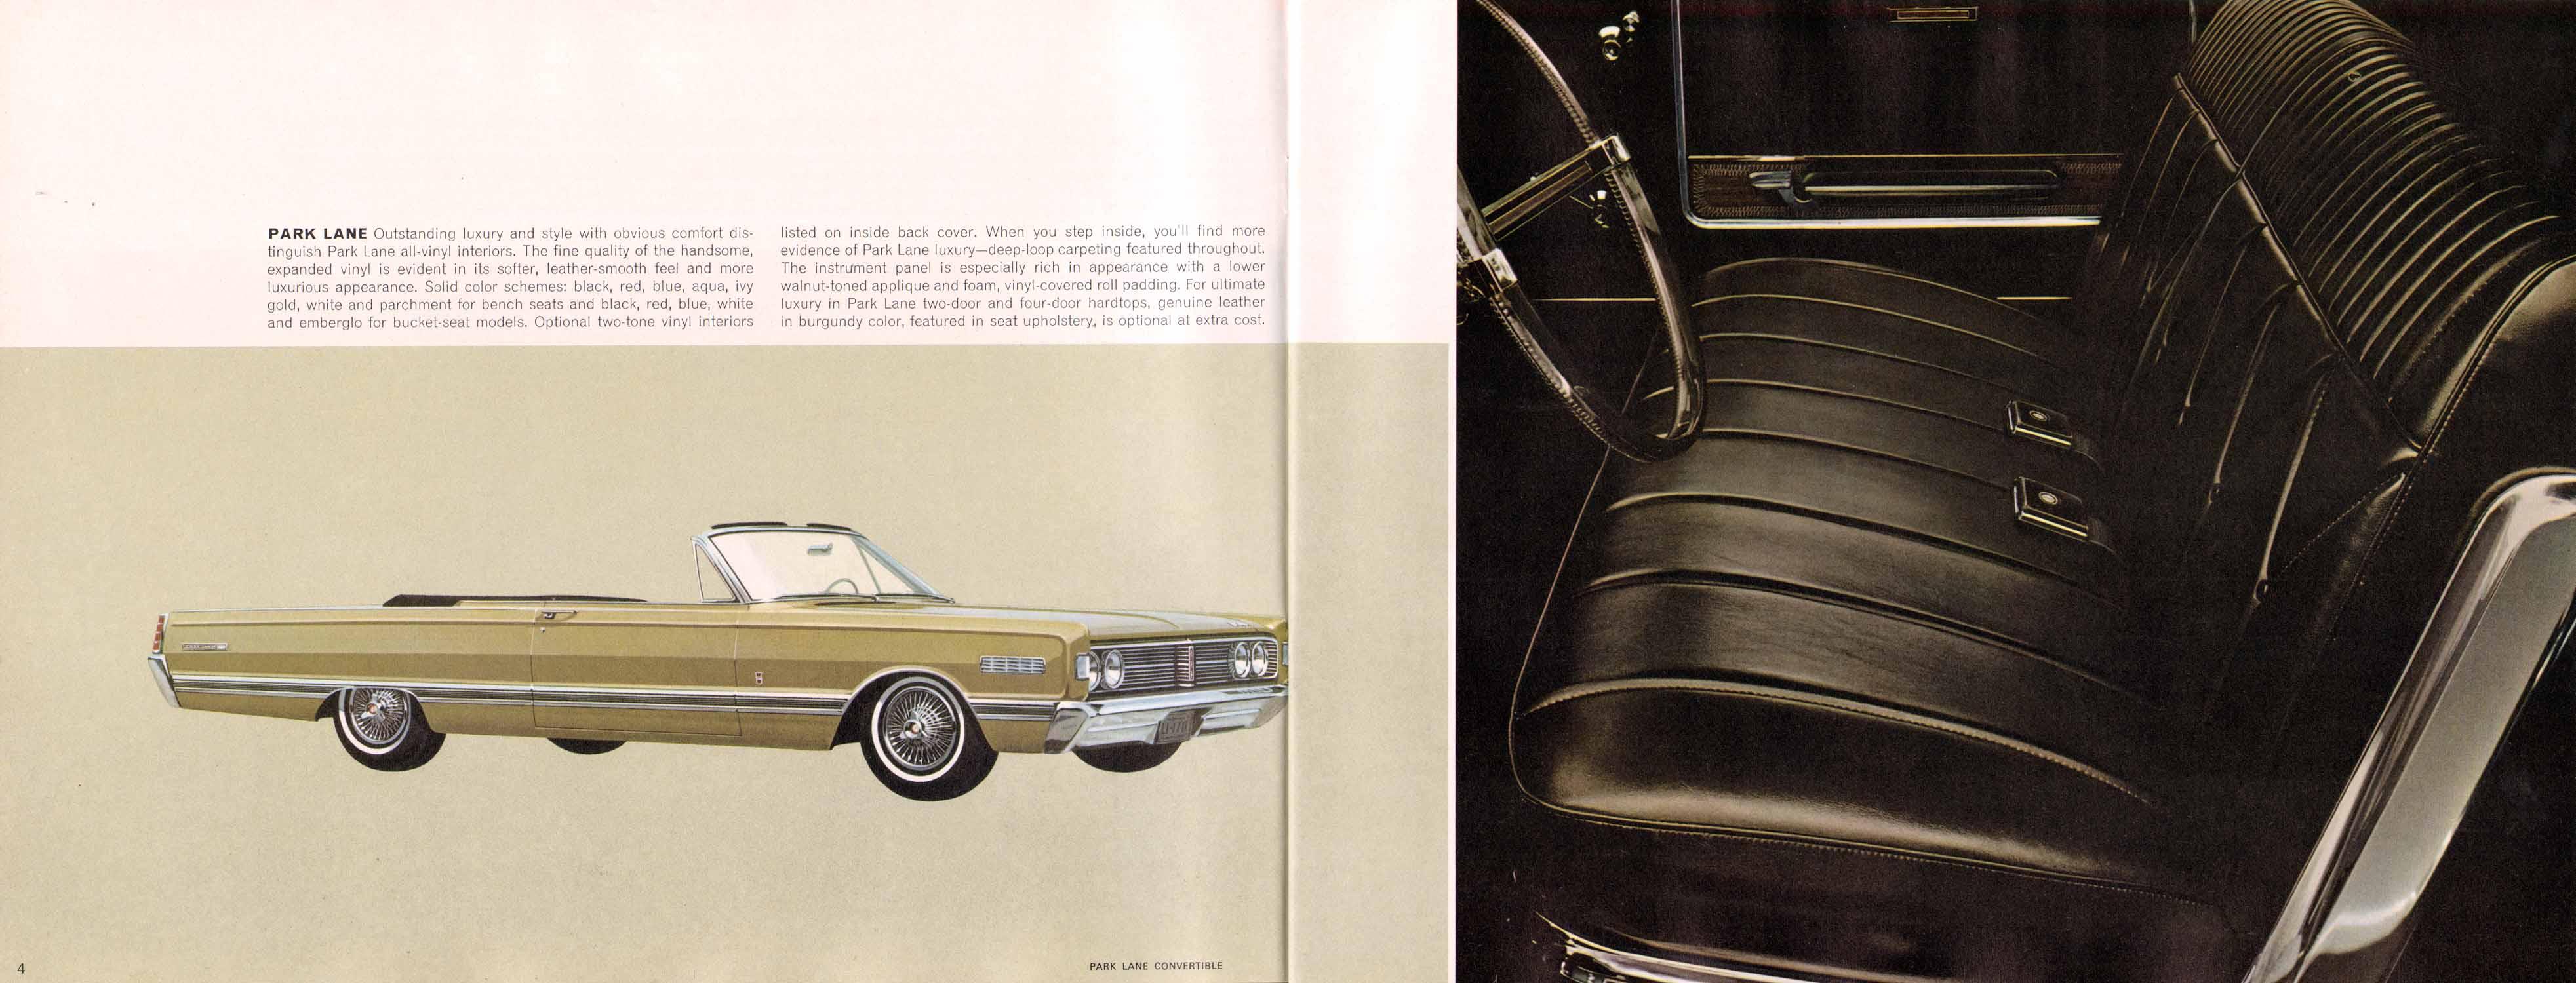 Mercury Park' Lane 66 terminée - Page 2 1966%20Mercury%20Full%20Size-06-07